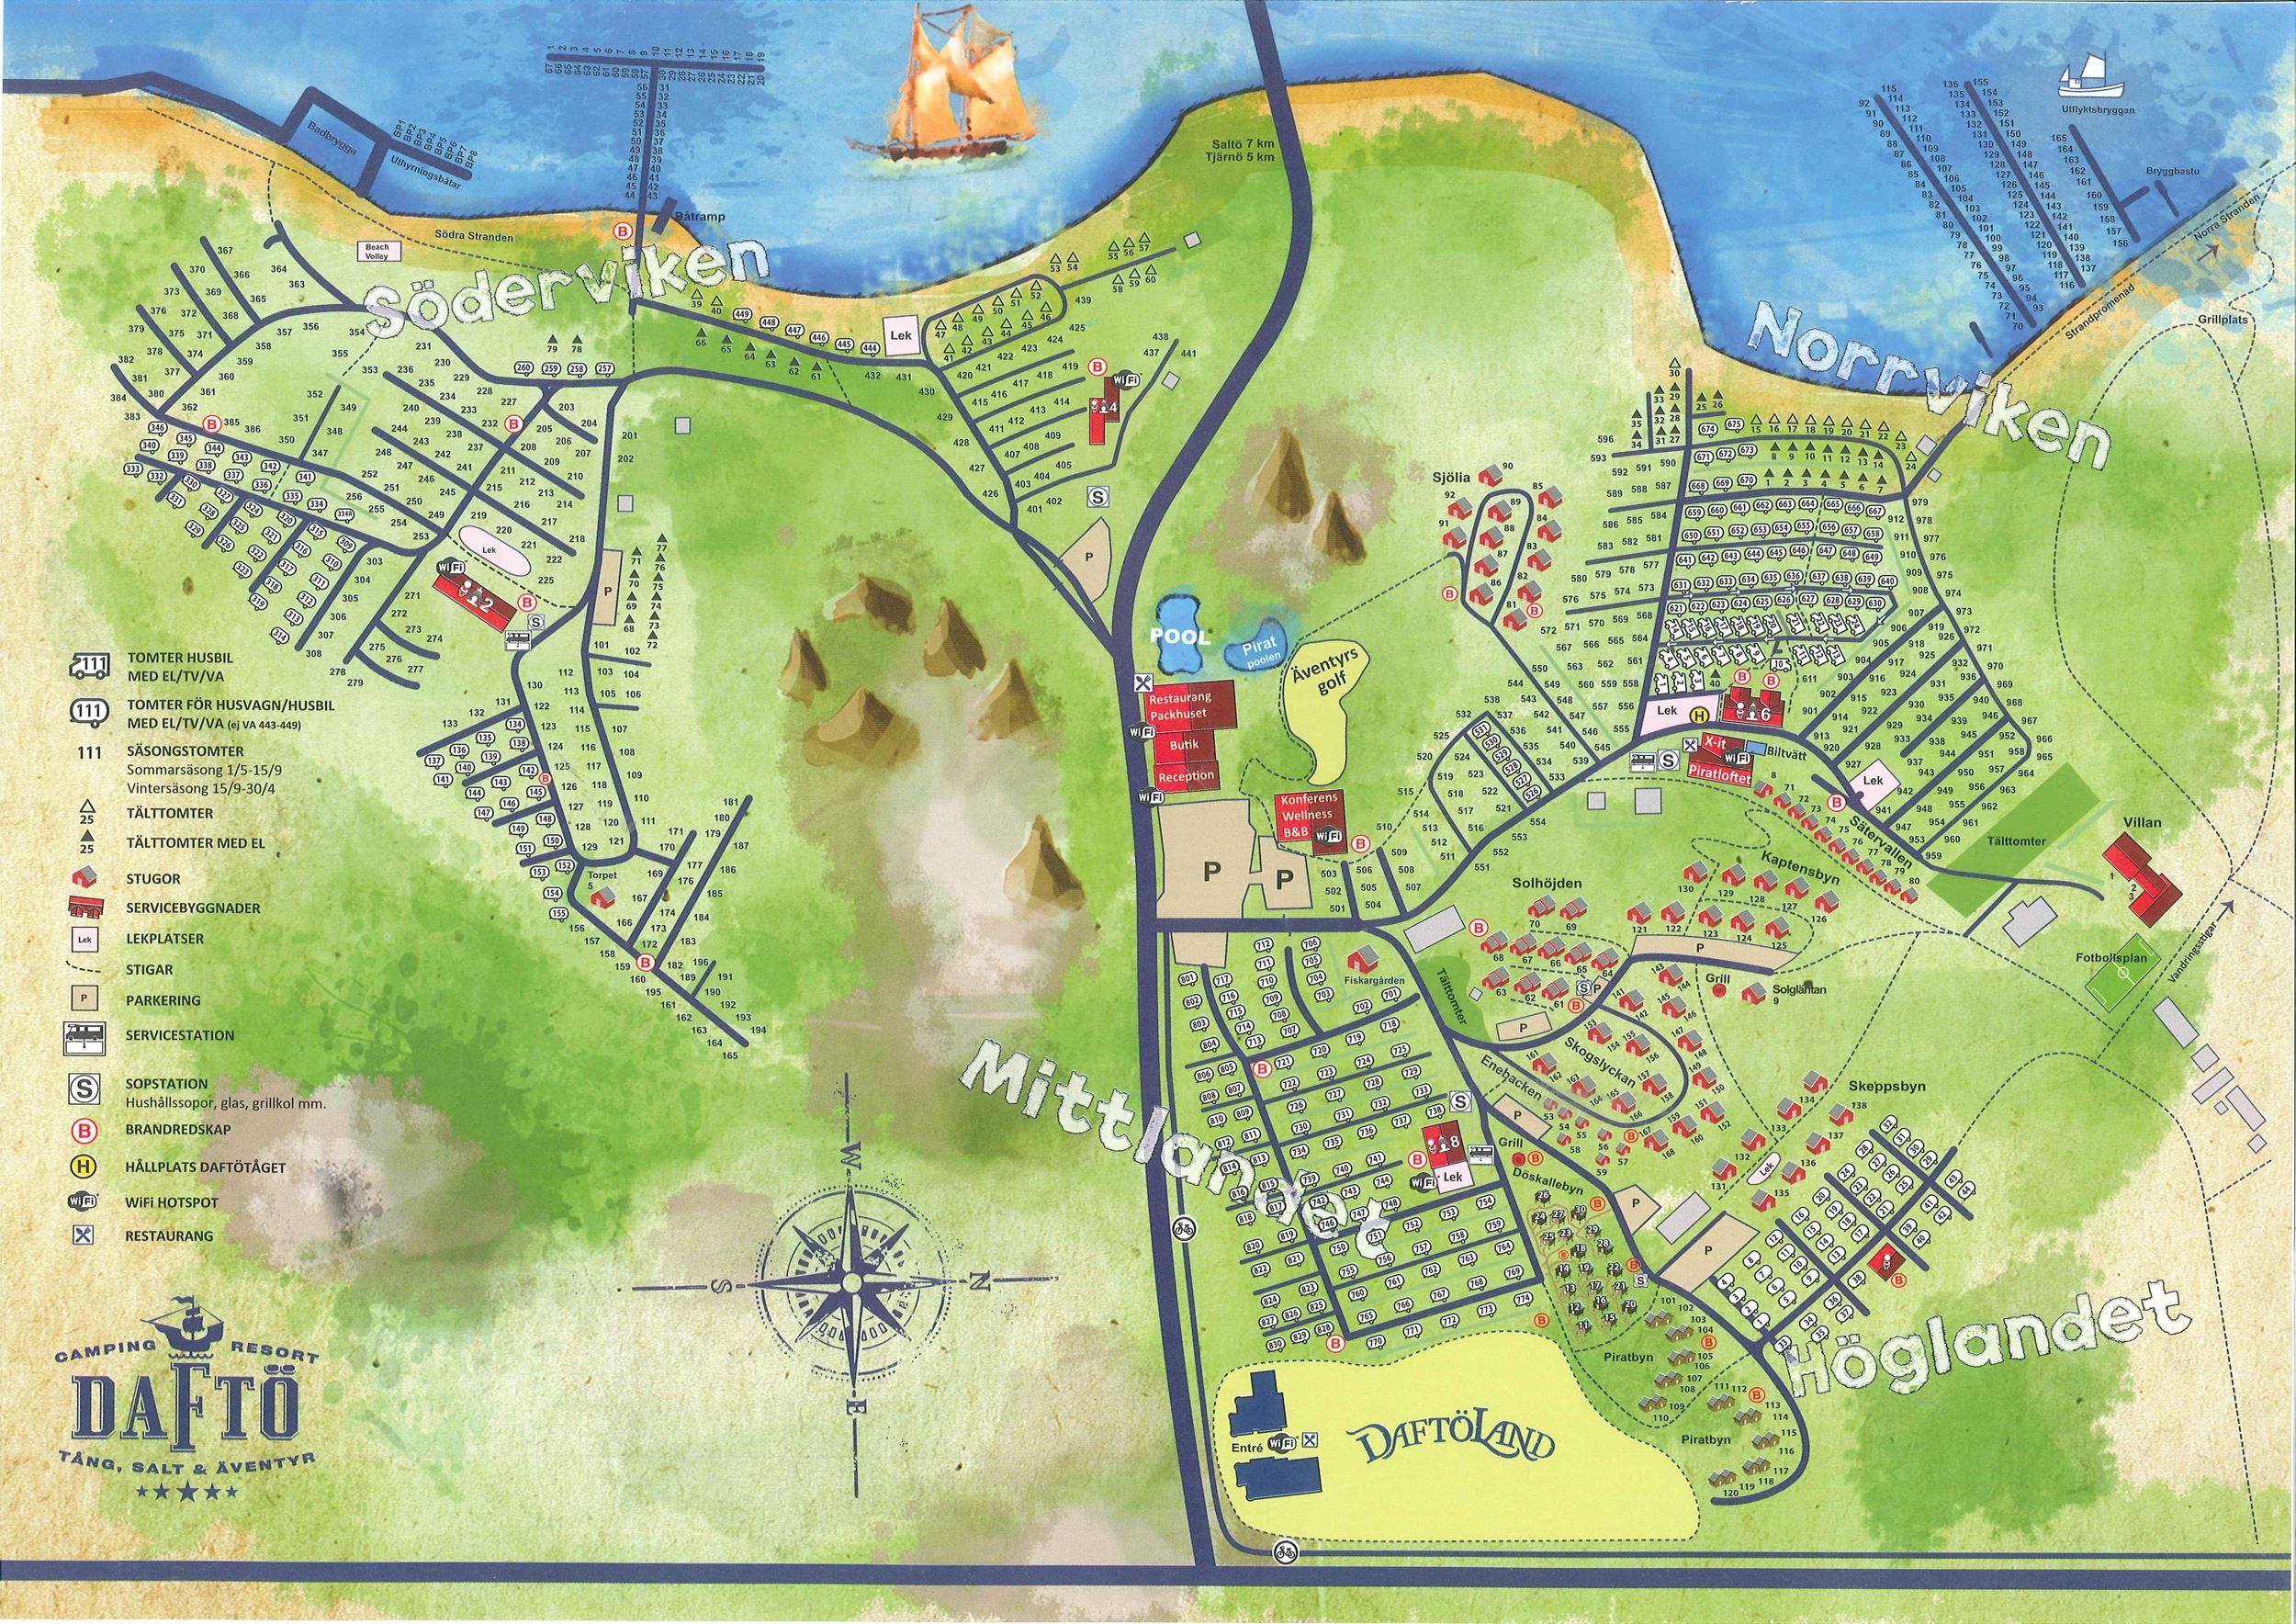 karta över campingplatser i sverige Daftö Camping Resort/Camping, Accommodation details, Campingtomt  karta över campingplatser i sverige